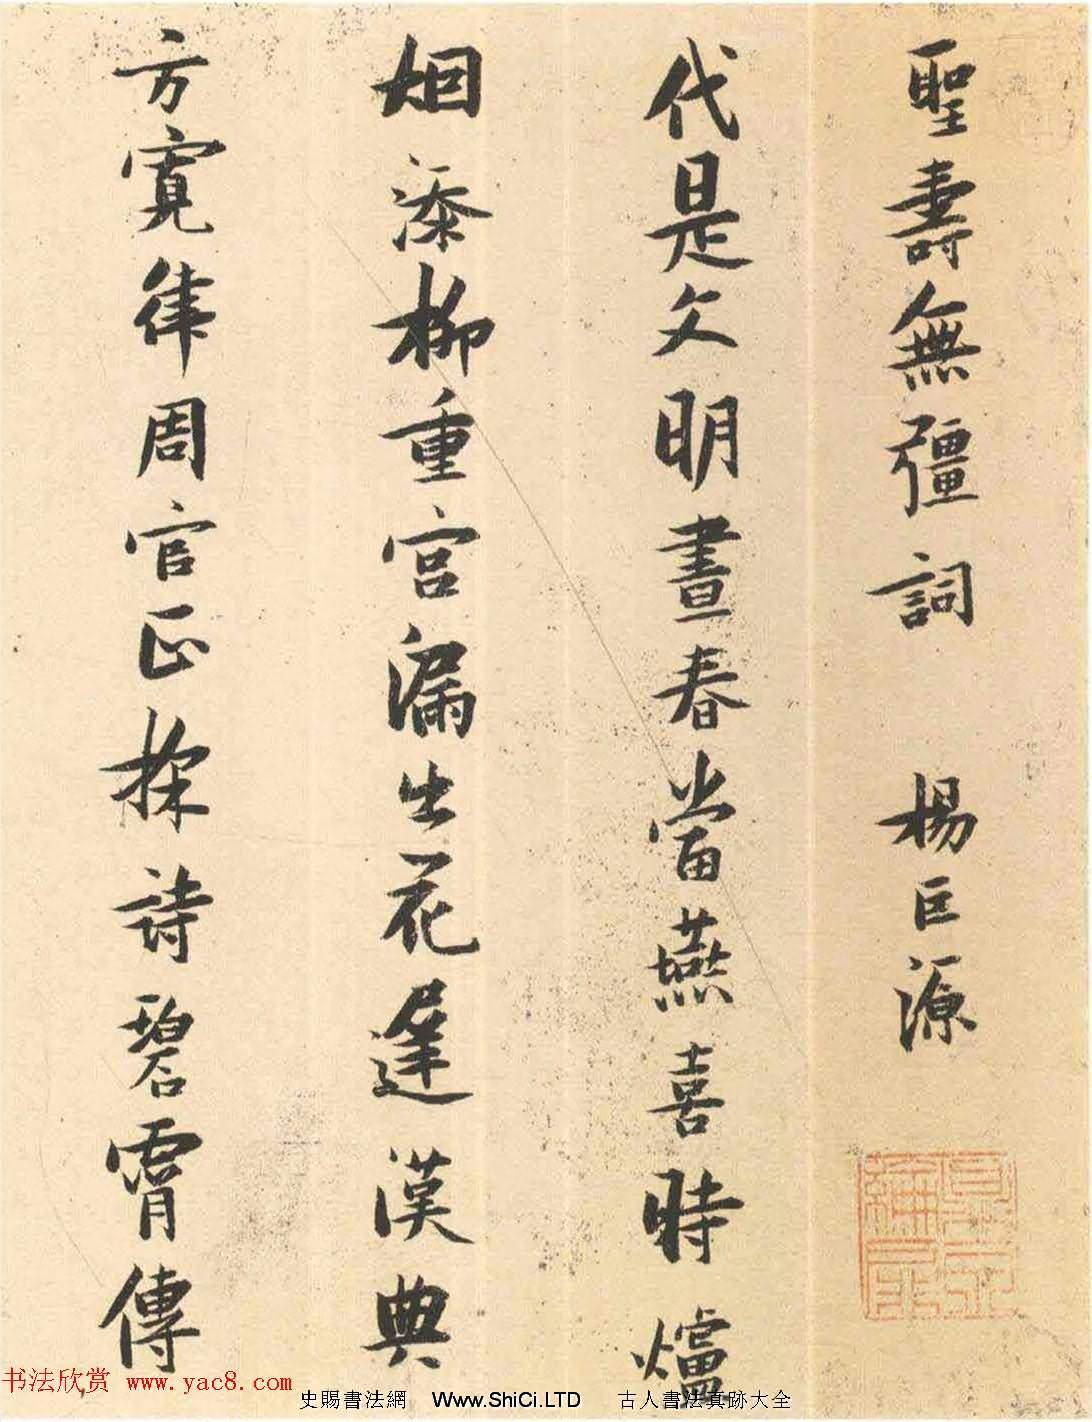 張瑞圖小字行楷書賞析《聖壽無疆詞》(共16張圖片)